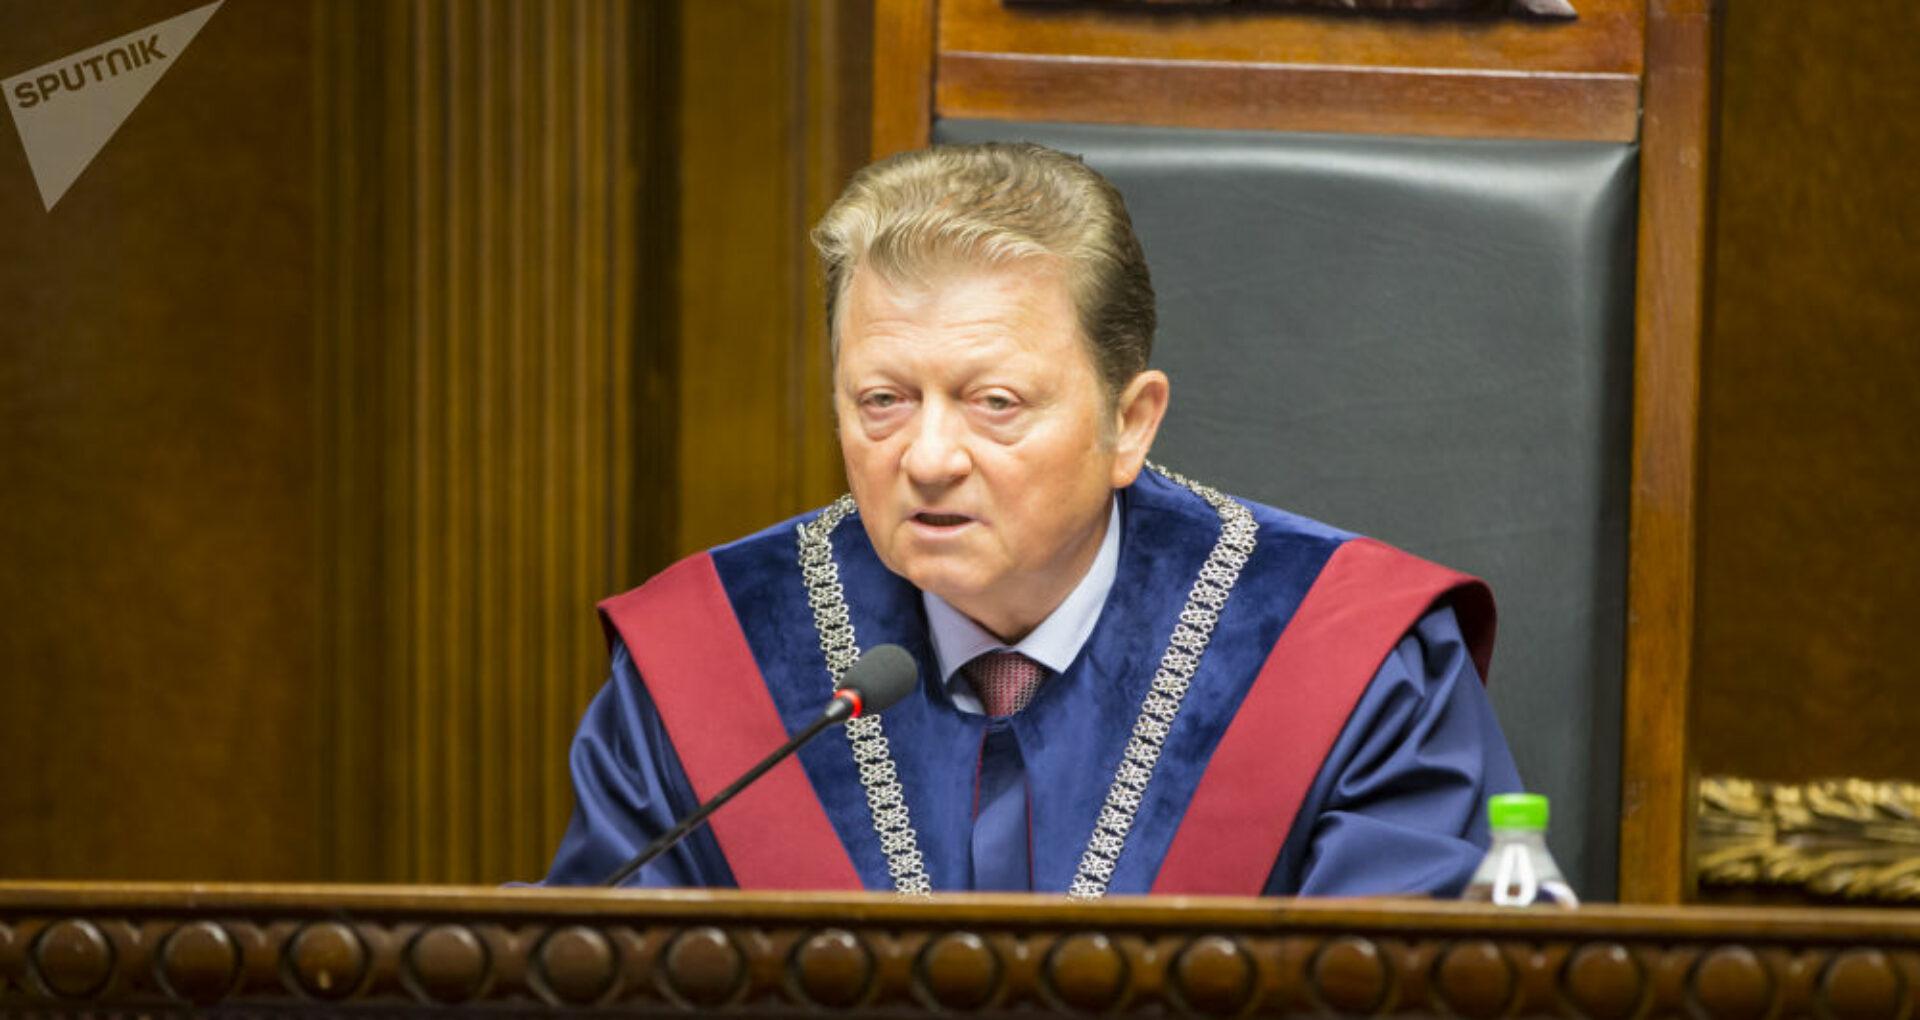 Președintele CC spune despre ce a discutat cu Dodon, după ce a fost  suspendată legea prin care Guvernul și-a asumat răspunderea